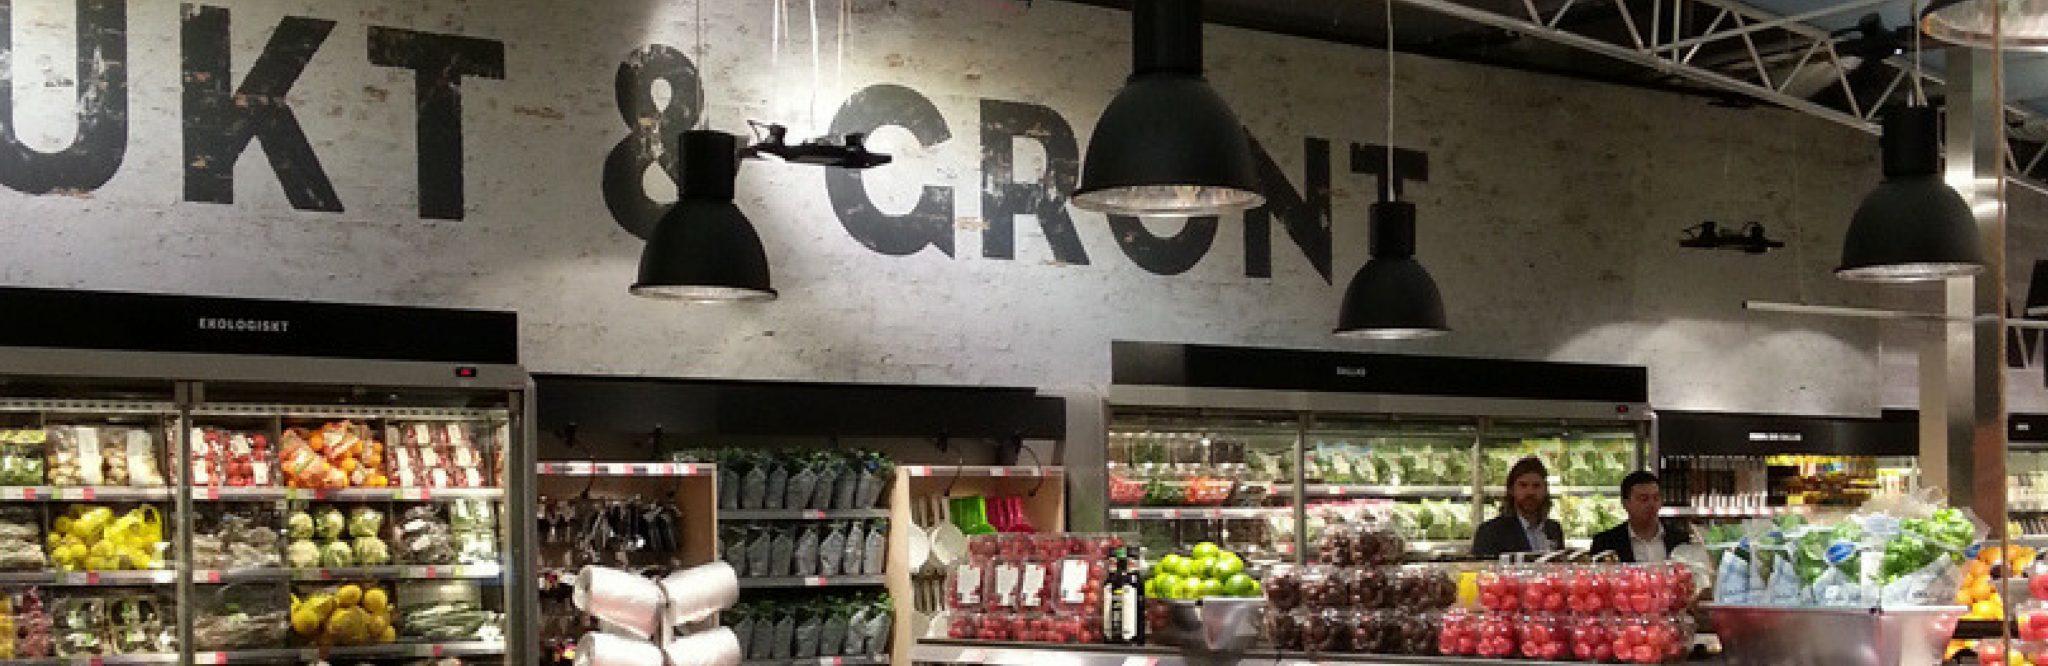 Bra och tydlig skyltning underlättar både för butikspersonal och kunder.